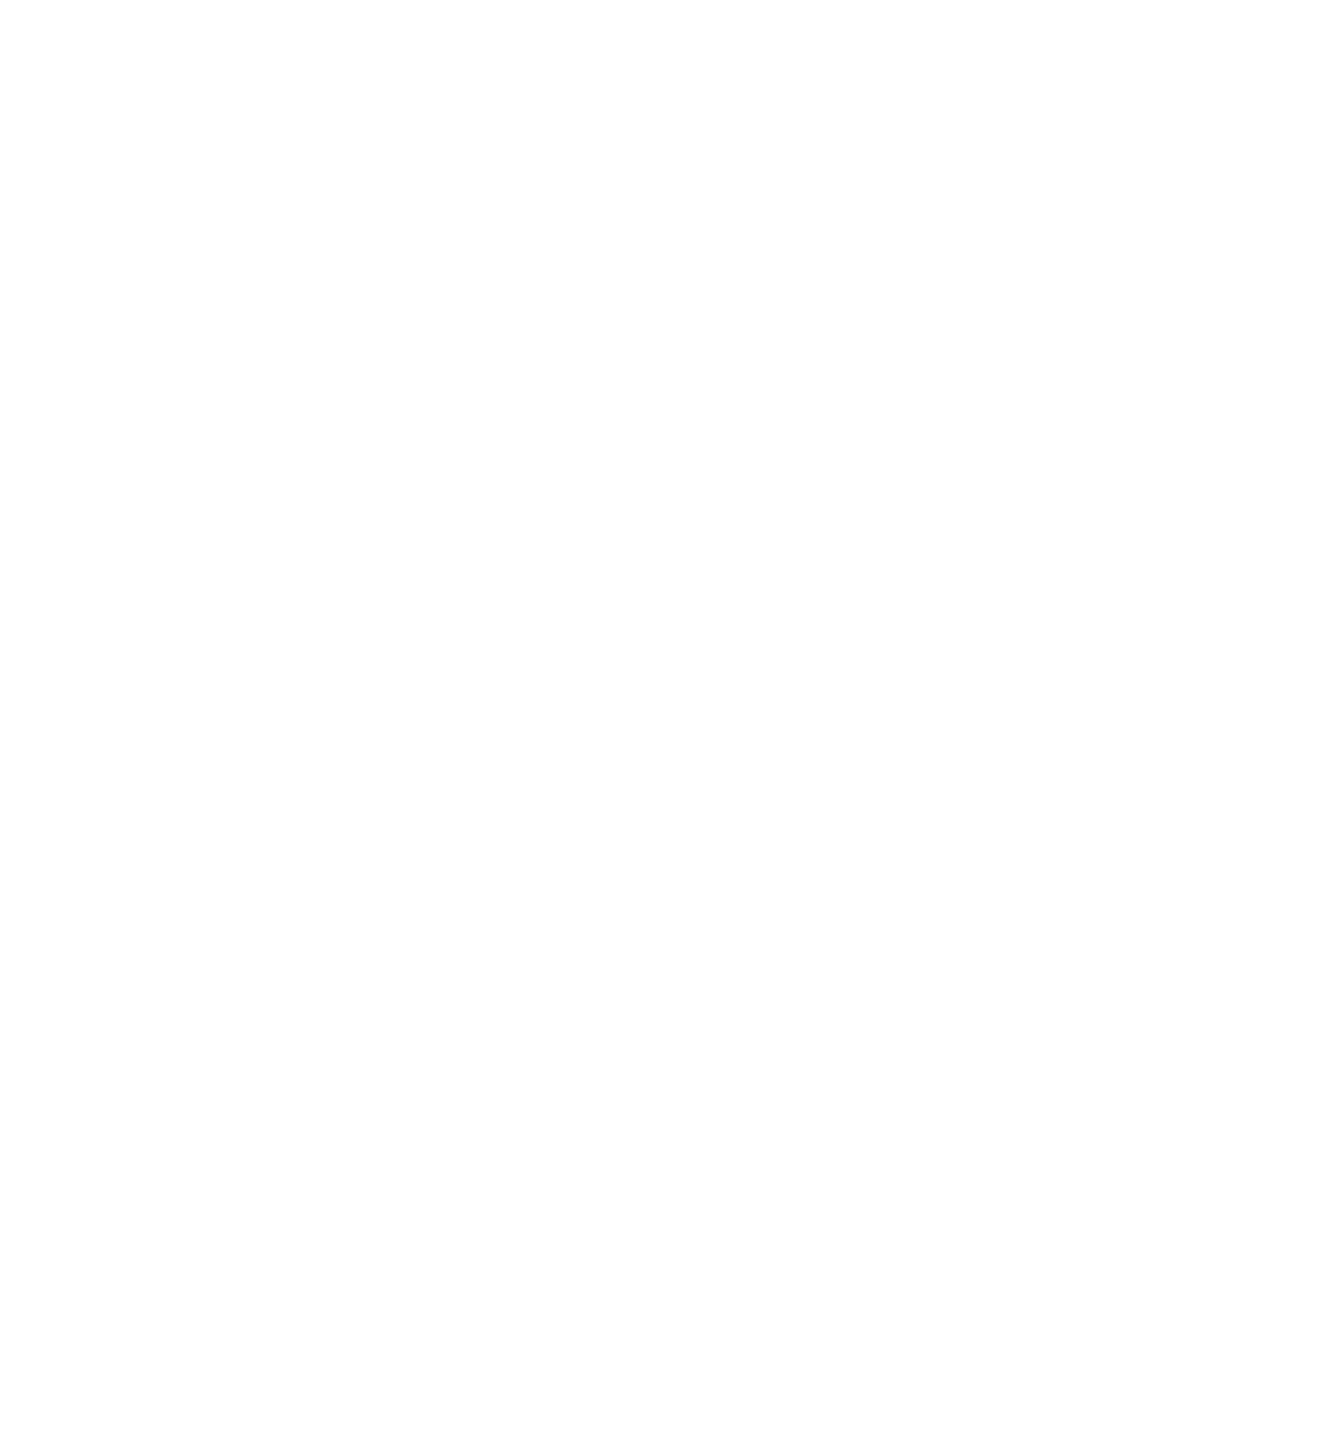 super uhyggelige halloween LED-o-koptere